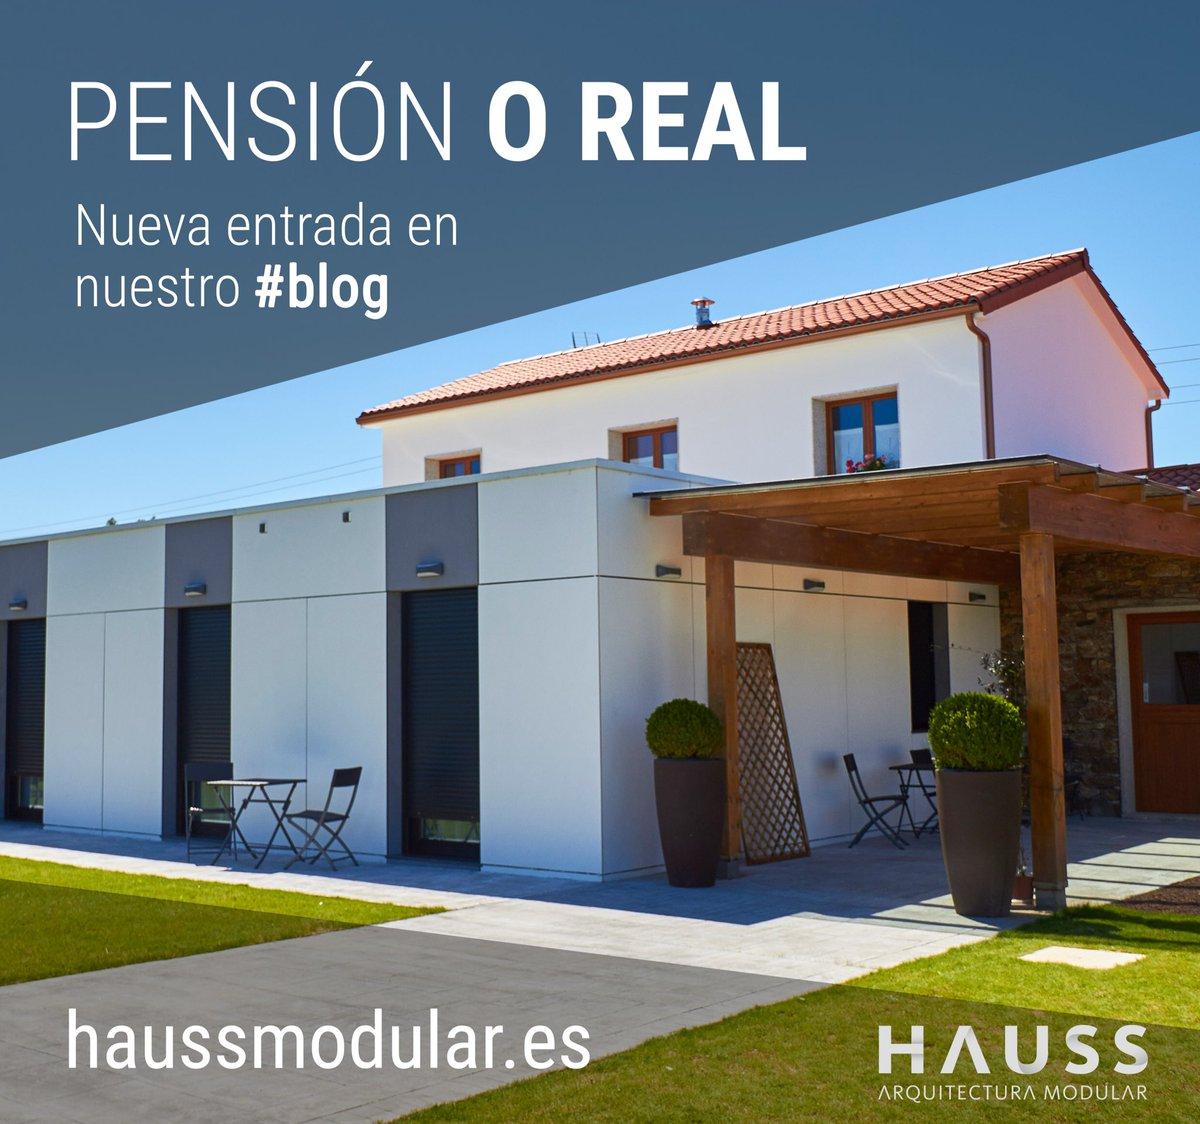 Hauss Arquitectura On Twitter Nueva Entrada En Nuestro Blog